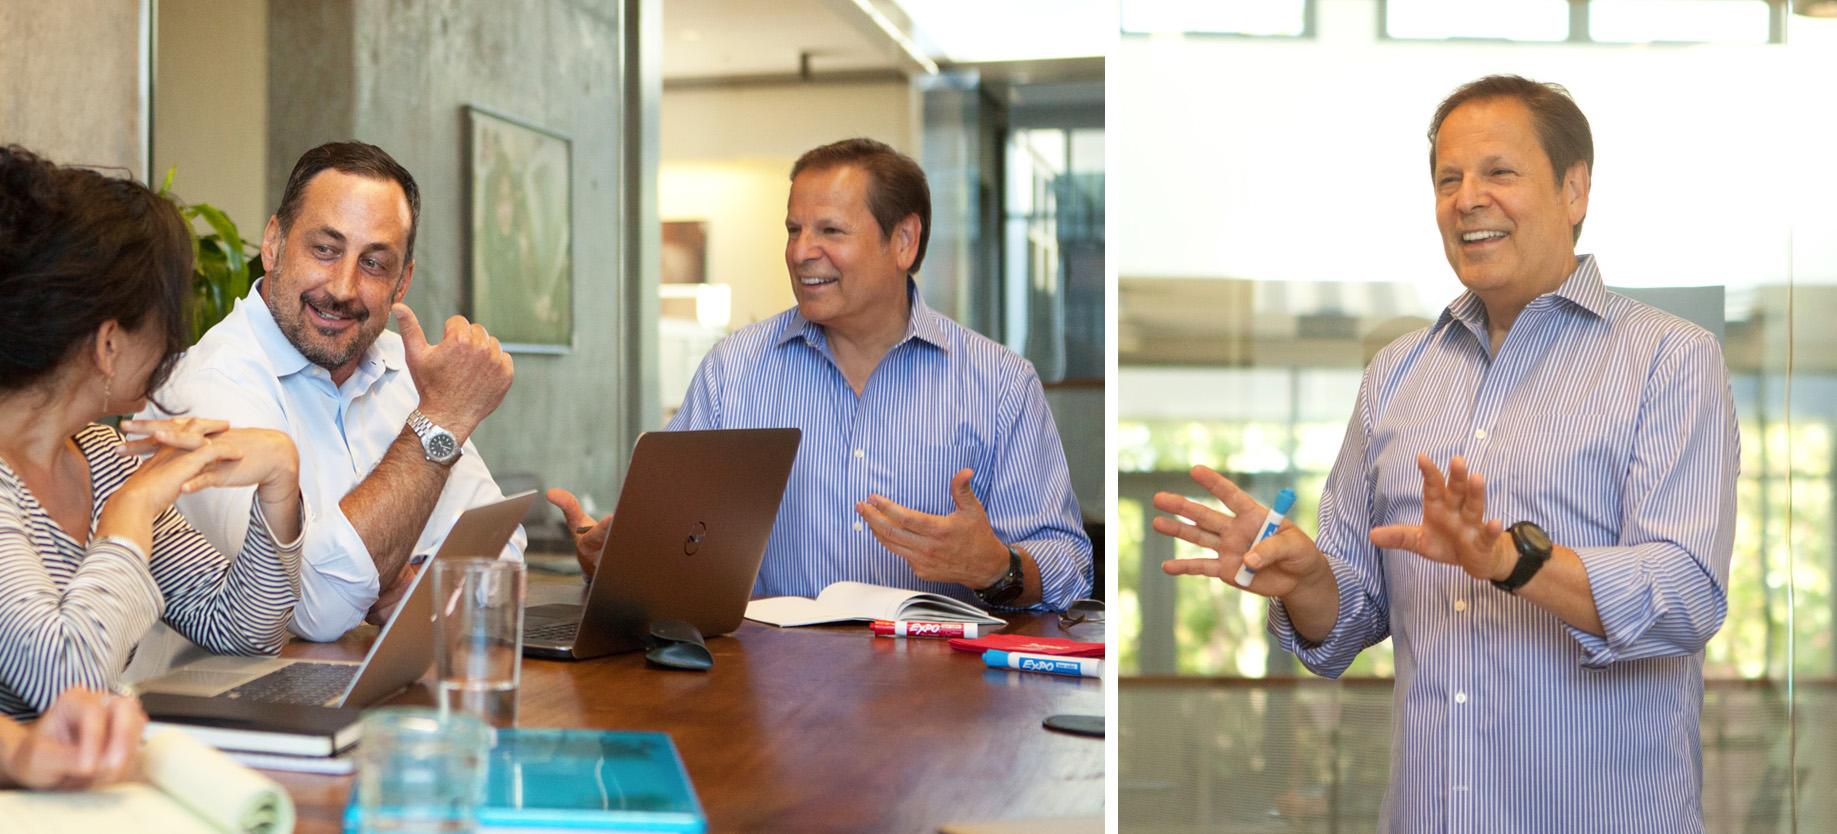 Business Coaching & Education